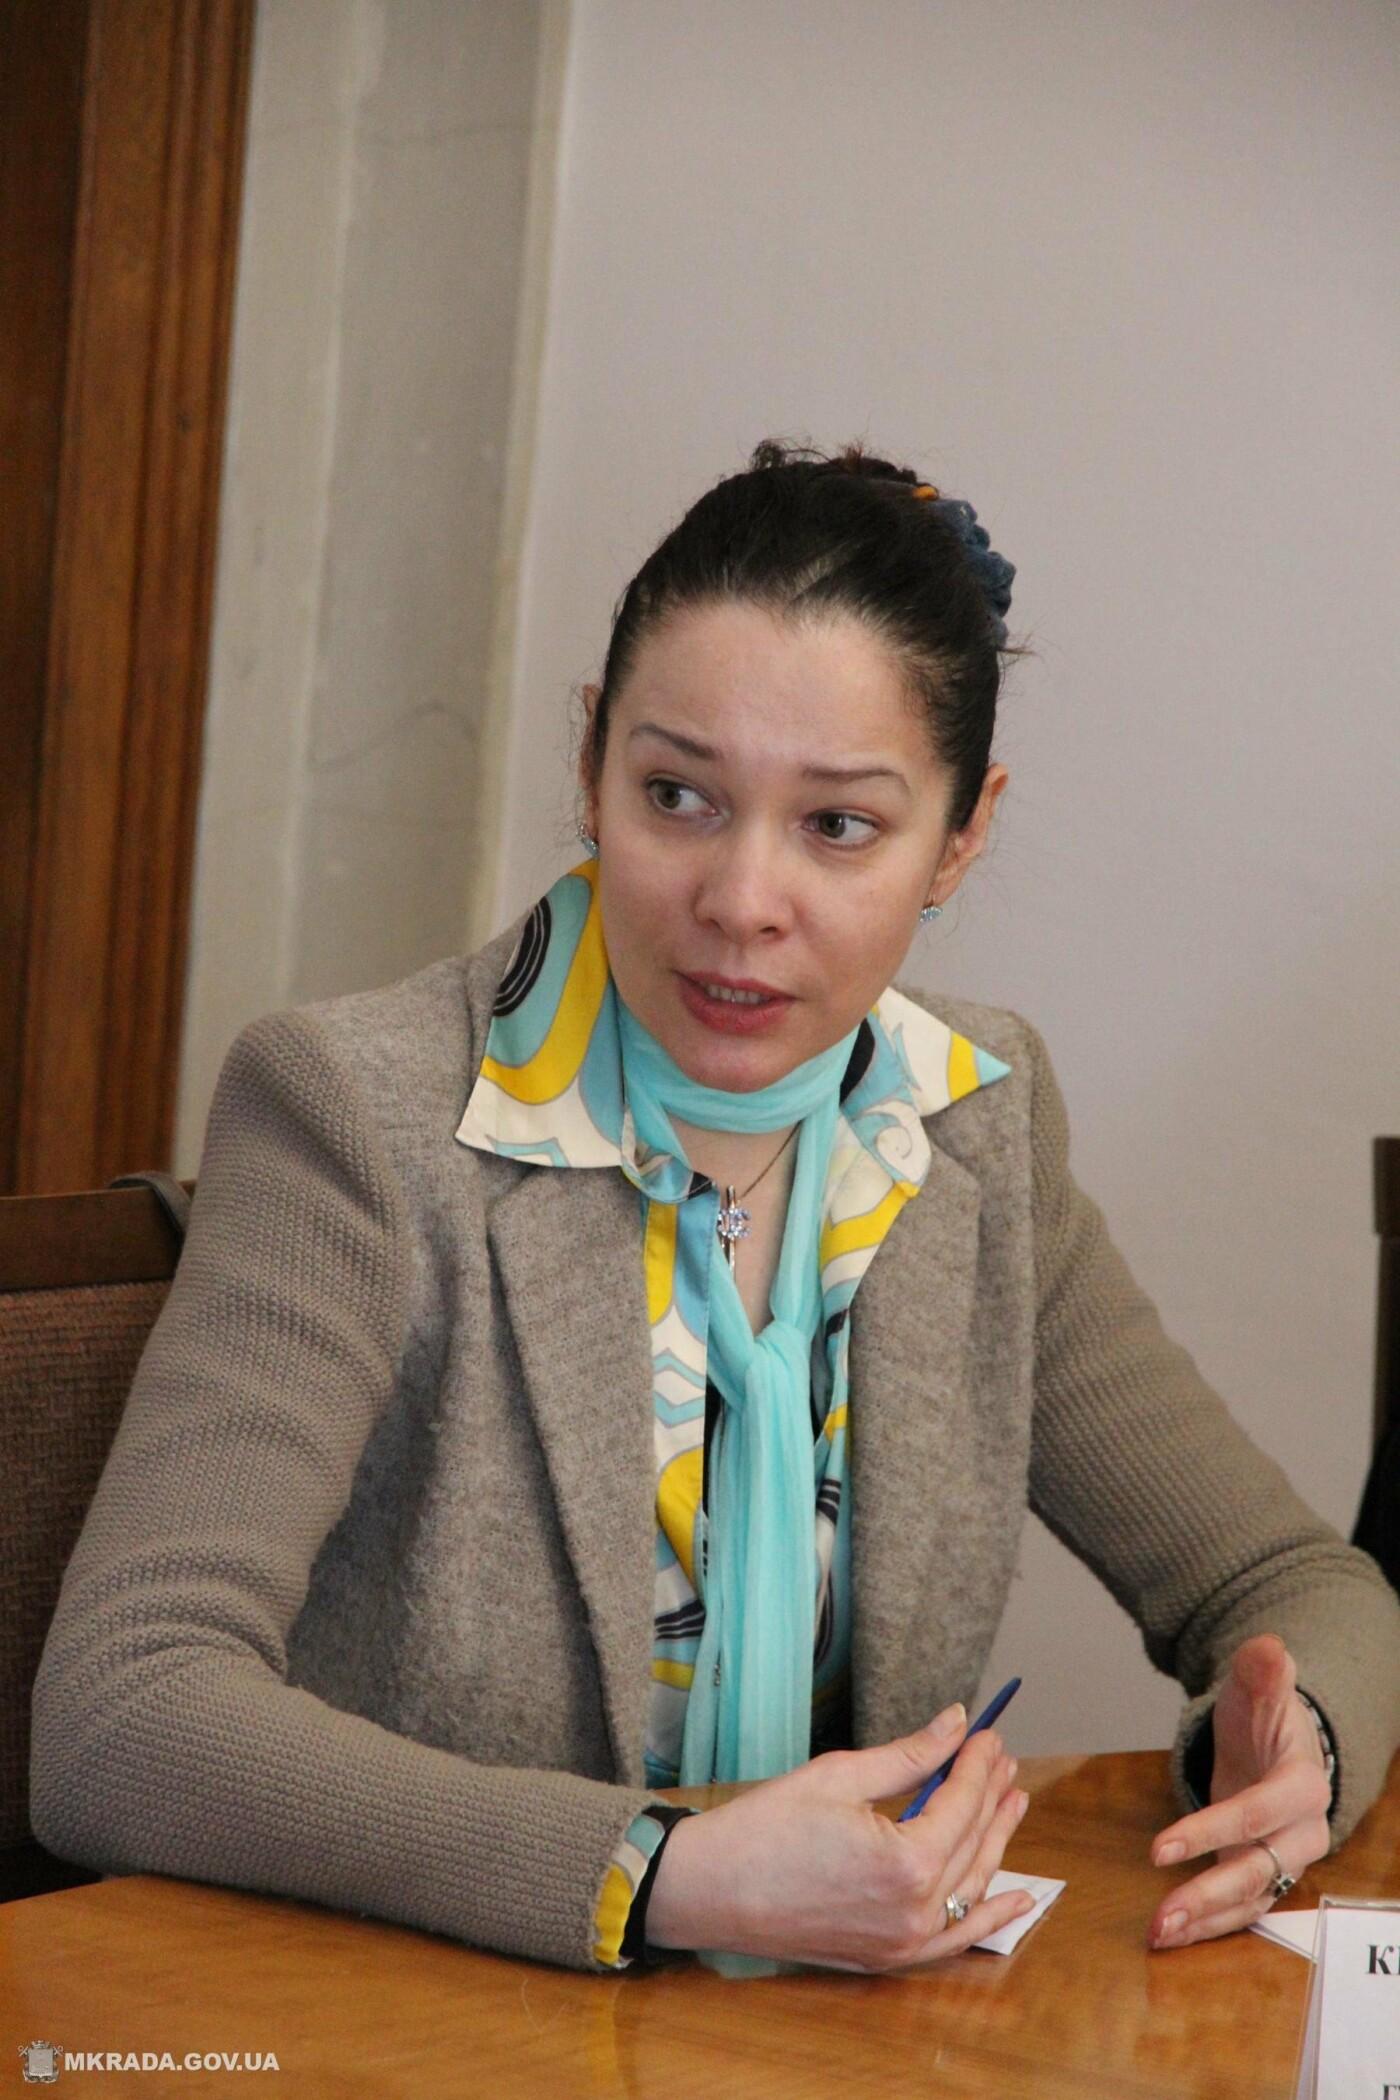 В Николаеве намерены построить Центр социально-психологической реабилитации детей и молодежи с функциональными ограничениями, - ФОТО, фото-5